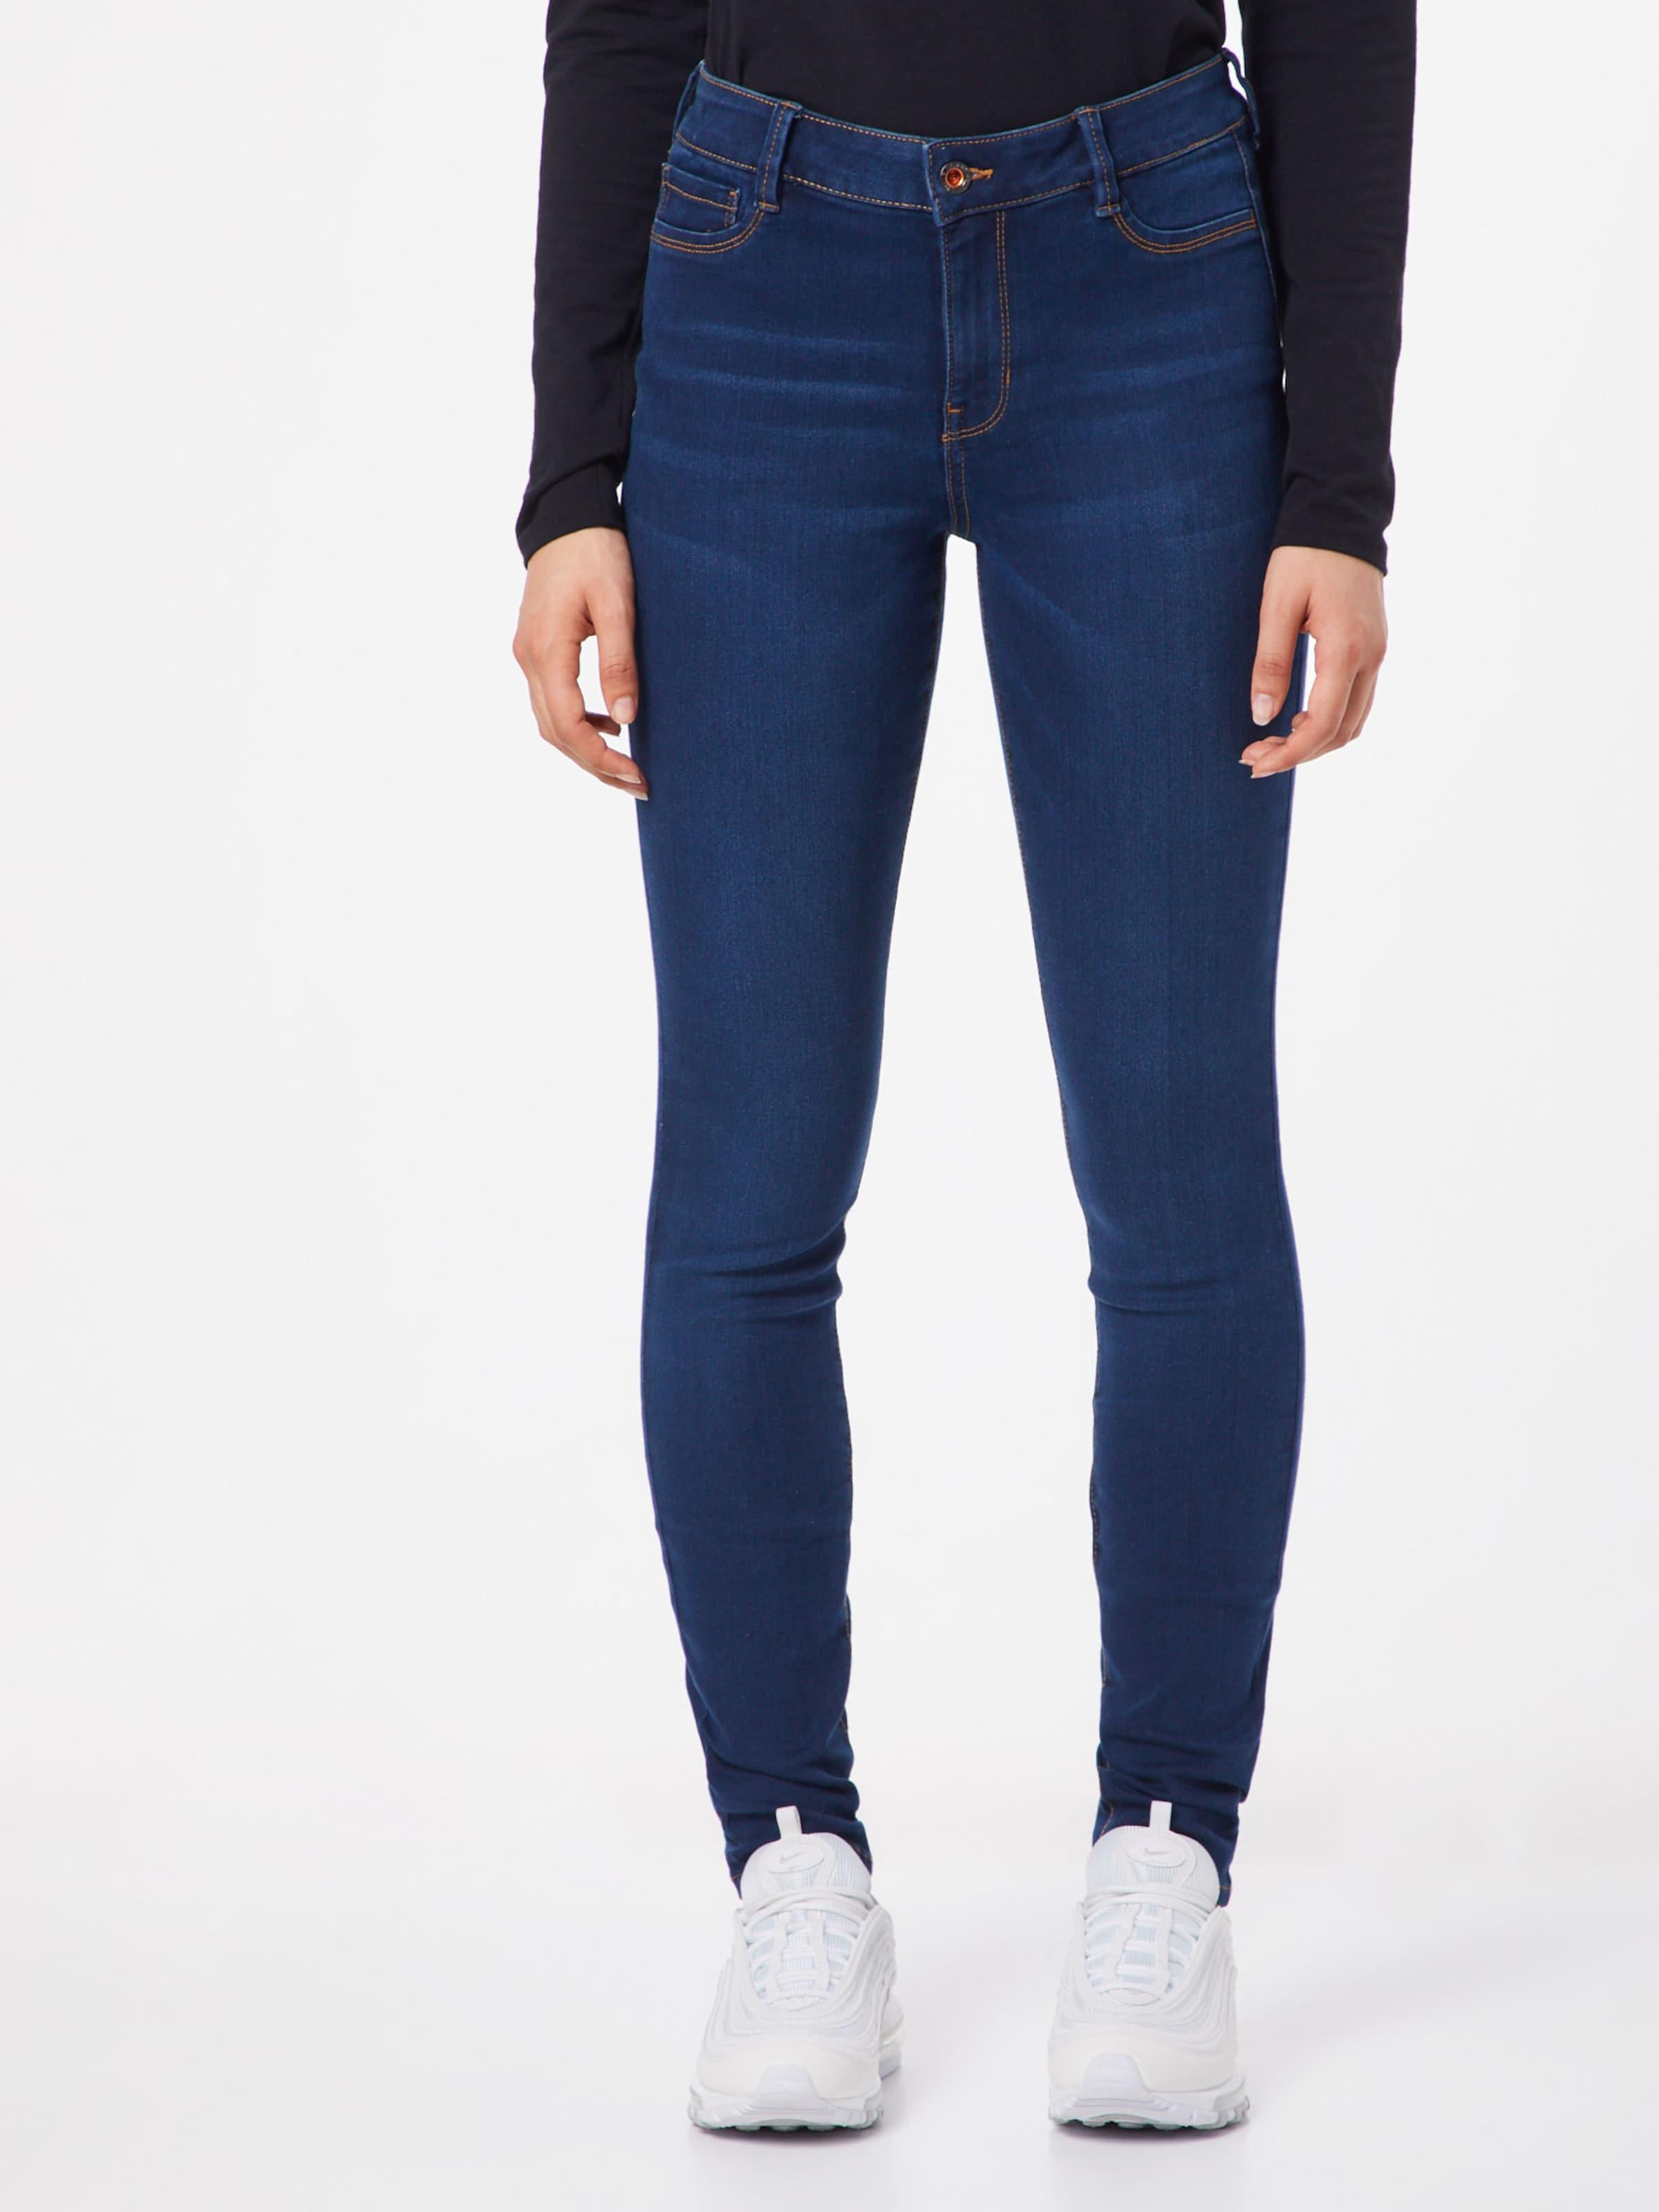 'nela' Jeans Blue Tom In Tailor Denim bgyY76vf